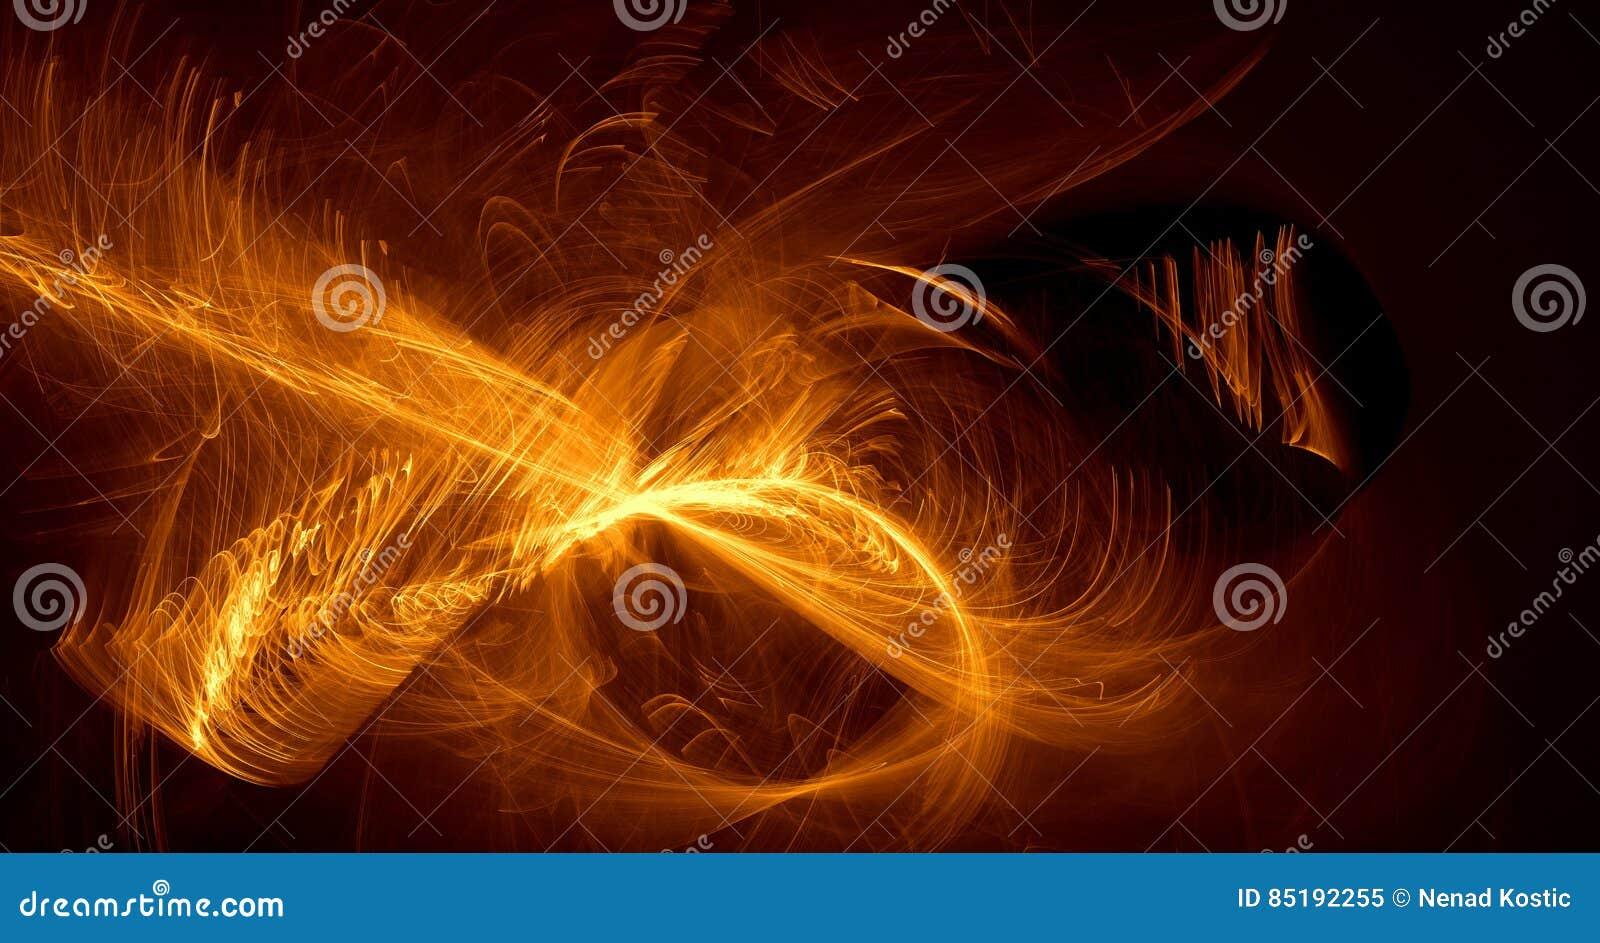 Abstrakcjonistyczna pomarańcze, kolor żółty, złota światła łuny, promienie, kształtuje na ciemnym tle